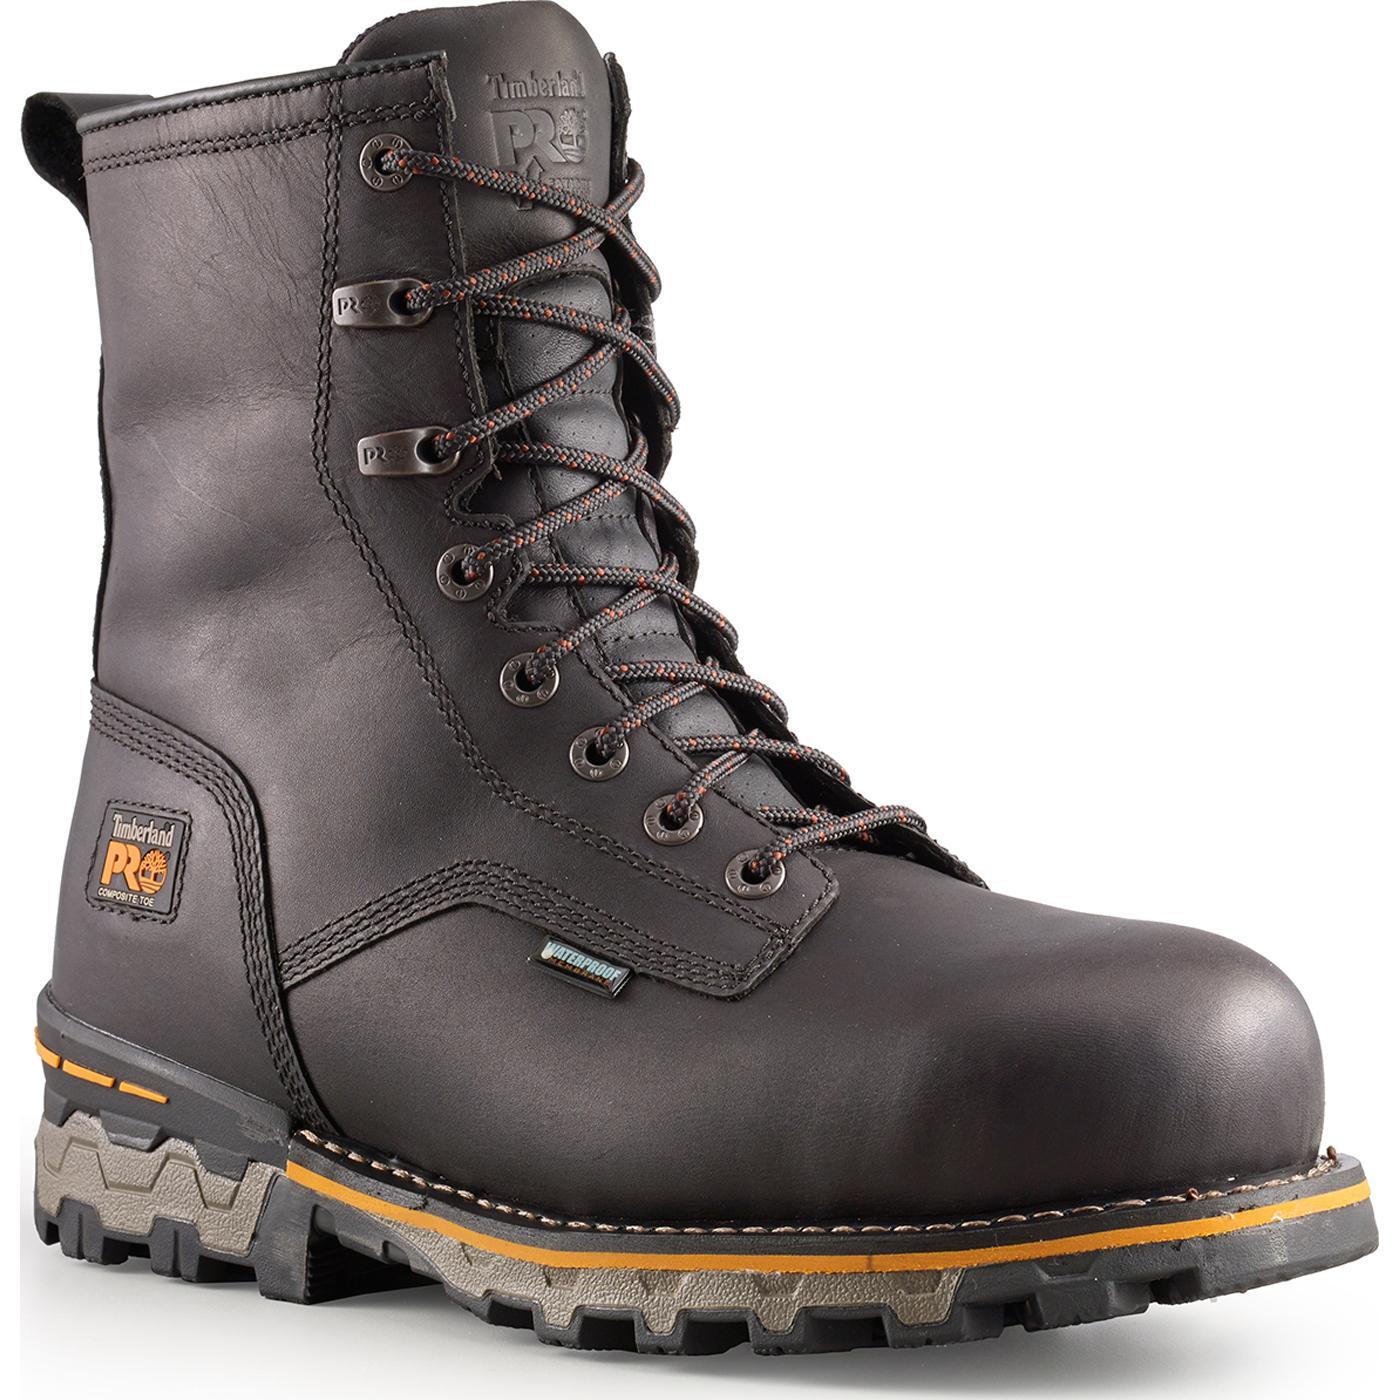 d45f0844858 Timberland PRO TiTAN Boondock Composite Toe Waterproof Work Boot